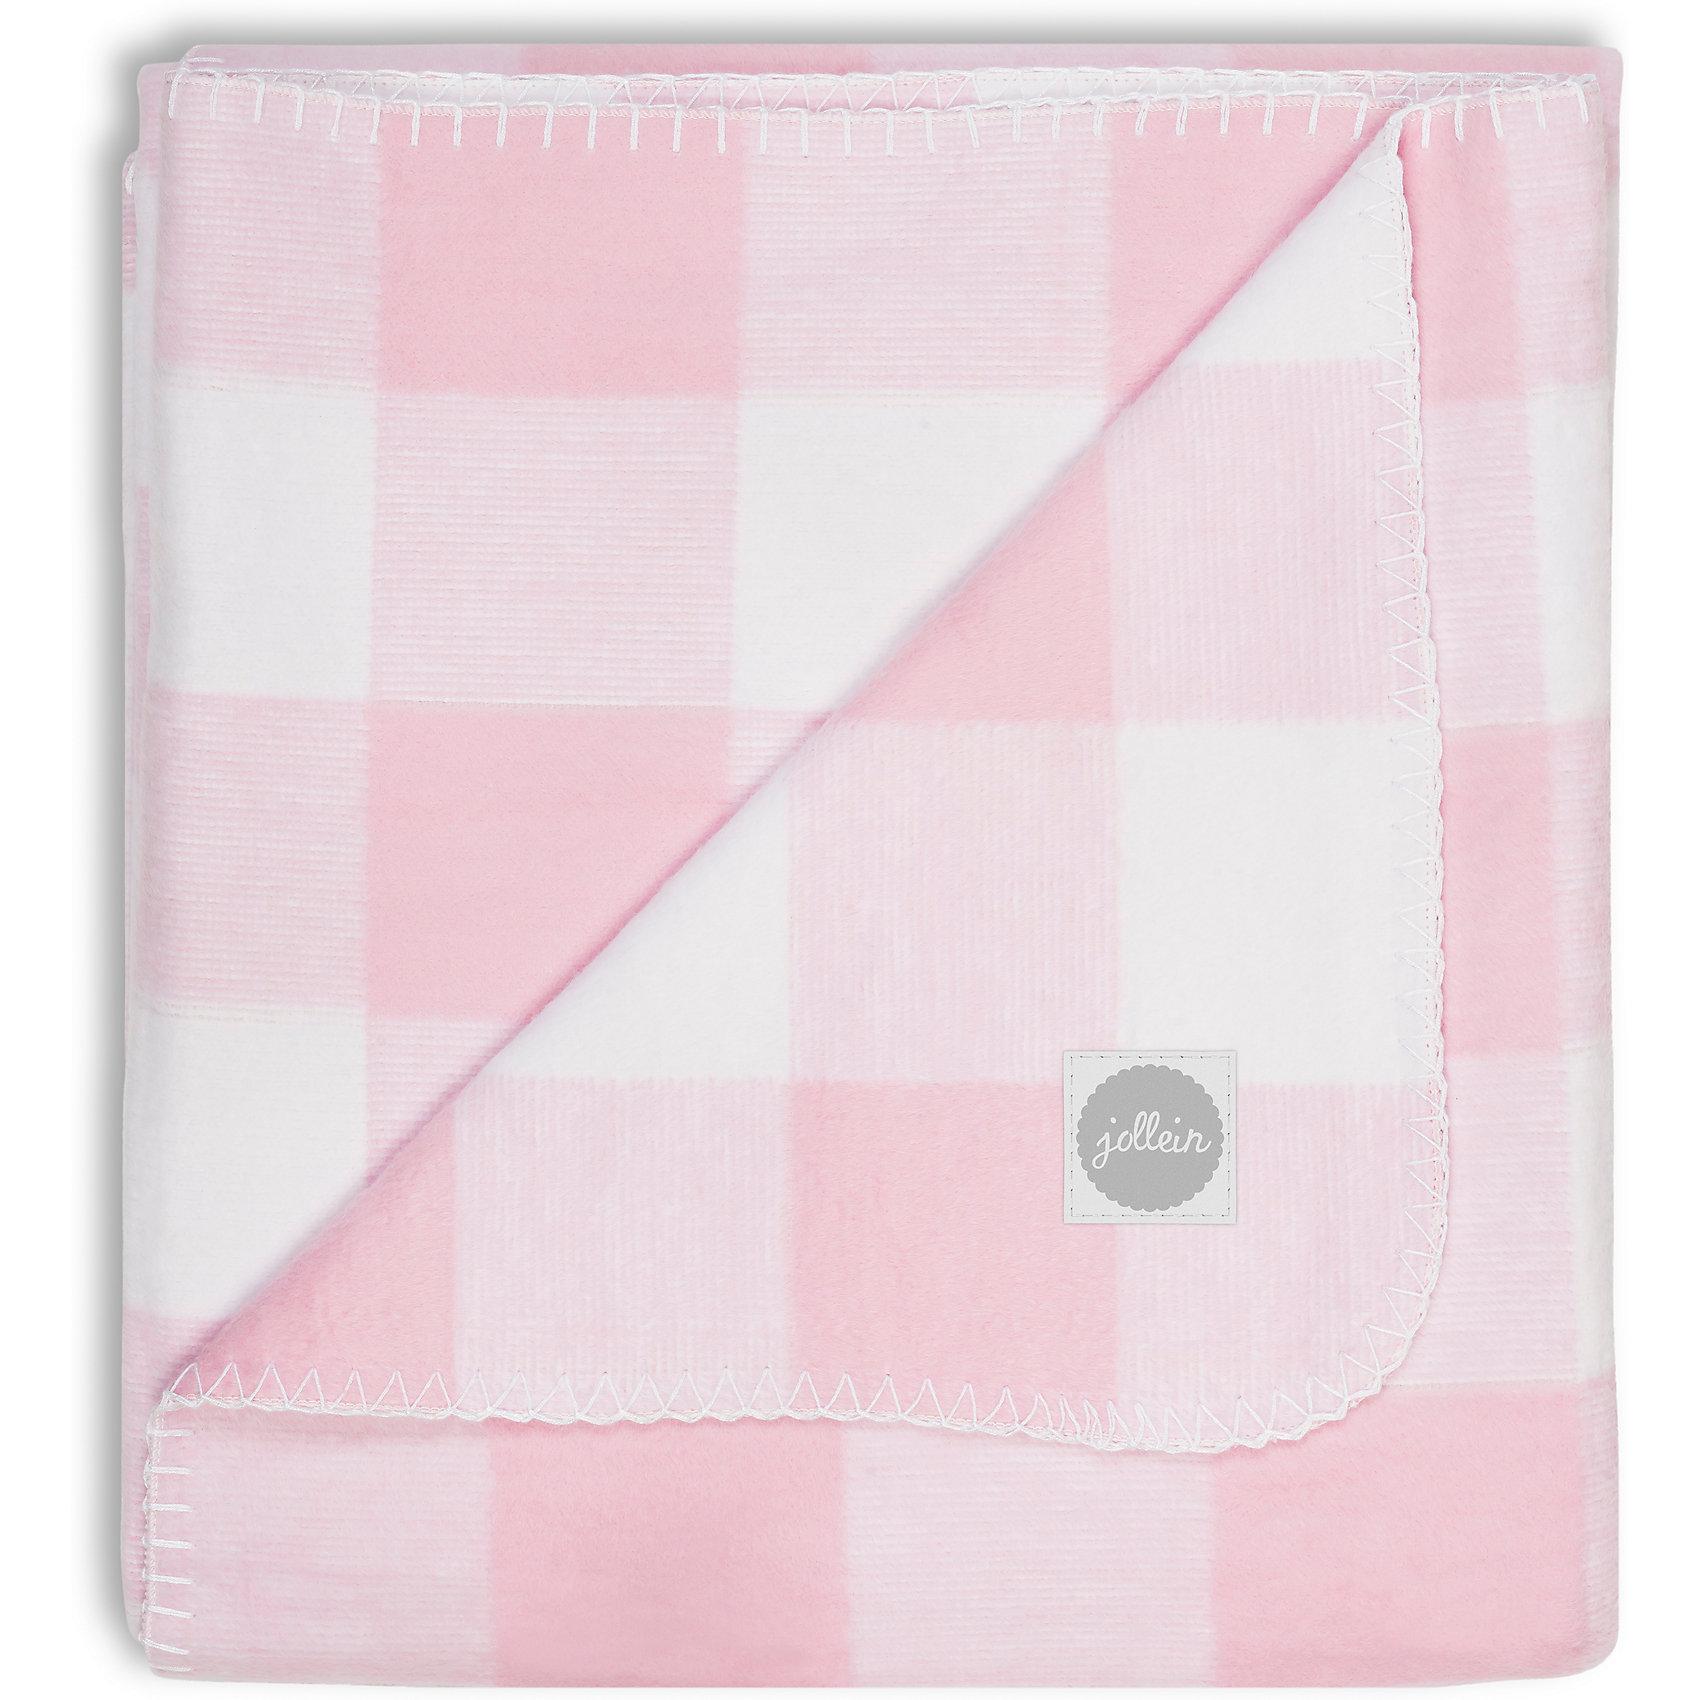 Байковый плед 100х150 см, Jollein, Pink checkХарактеристики:<br><br>• Вид детского текстиля: плед<br>• Пол: для девочки<br>• Сезон: круглый год<br>• Степень утепления: без дополнительного утепления<br>• Цвет: белый, розовый<br>• Тематика рисунка: клетка<br>• Материал: 100% хлопок <br>• Размер (Ш*Д): 100*150 см<br>• Вес: 830 г<br>• Особенности ухода: машинная или ручная стирка при температуре не более 40 градусов<br><br>Байковый плед 100х150 см, Jollein, Pink check от торговой марки Жолляйн, которая является признанным лидером среди аналогичных брендов, выпускающих детское постельное белье и текстиль для новорожденных и детей. Продукция этого торгового бренда отличается высоким качеством и дизайнерским стилем. <br><br>Плед выполнен из натурального хлопка, который обладает высокими гигиеническими и гигроскопическими качествами, способен хорошо пропускать воздух, при этом сохраняя тепло. <br><br>Изделие обладает гипоаллергенными свойствами. Имеет легкий вес и компатный размер в сложенном виде, при этом не сминается. Плед устойчив к изменению цвета и формы даже при длительной эксплуатации и частых стирках. Изделие выполнено в классическом дизайне для пледов – рисунок в клетку из нежных цветов. Байковый плед 100х150 см, Jollein, Pink check – это плед, который подарит тепло и уют в любое время года!<br><br>Байковый плед 100х150 см, Jollein, Pink check можно купить в нашем интернет-магазине.<br><br>Ширина мм: 380<br>Глубина мм: 345<br>Высота мм: 30<br>Вес г: 745<br>Возраст от месяцев: 0<br>Возраст до месяцев: 36<br>Пол: Женский<br>Возраст: Детский<br>SKU: 5367140